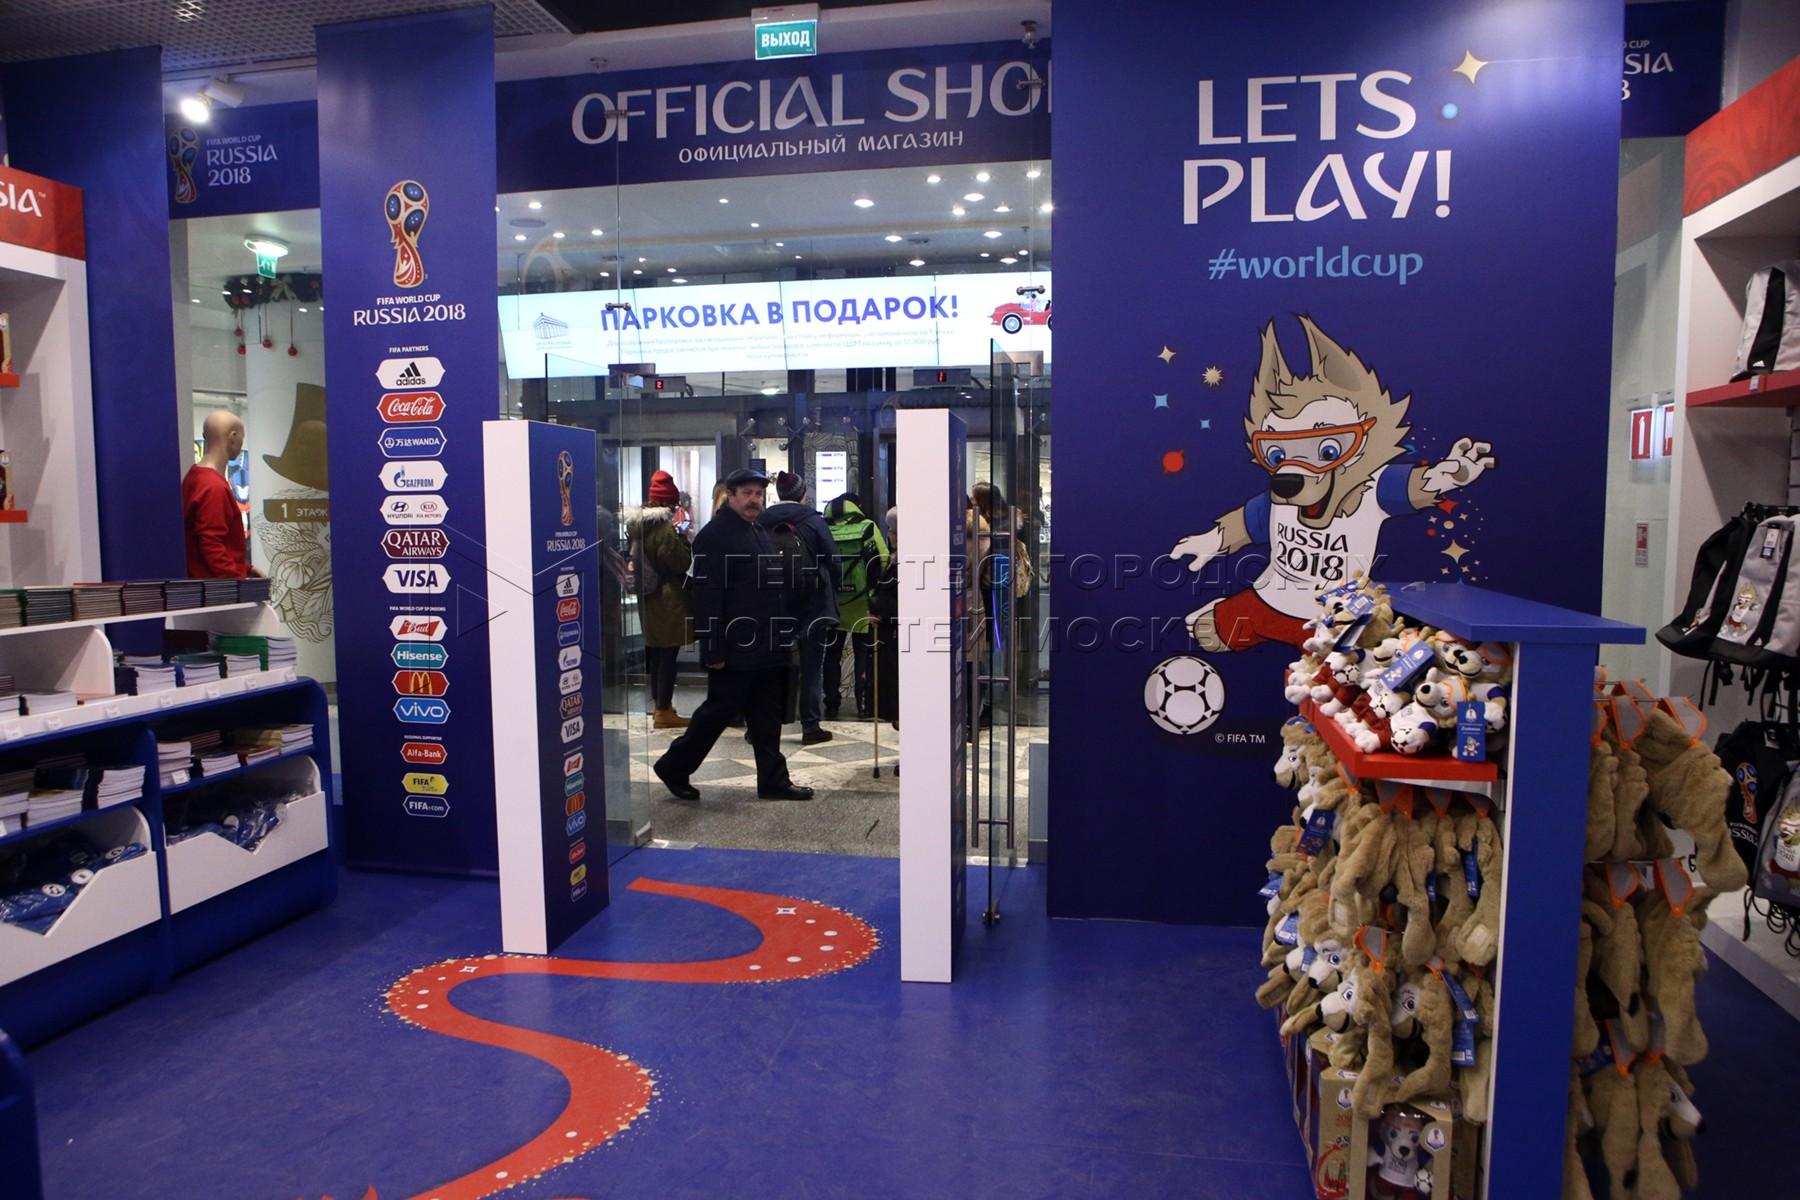 Первый официальный магазин сувенирной продукции чемпионата мира по футболу FIFA 2018